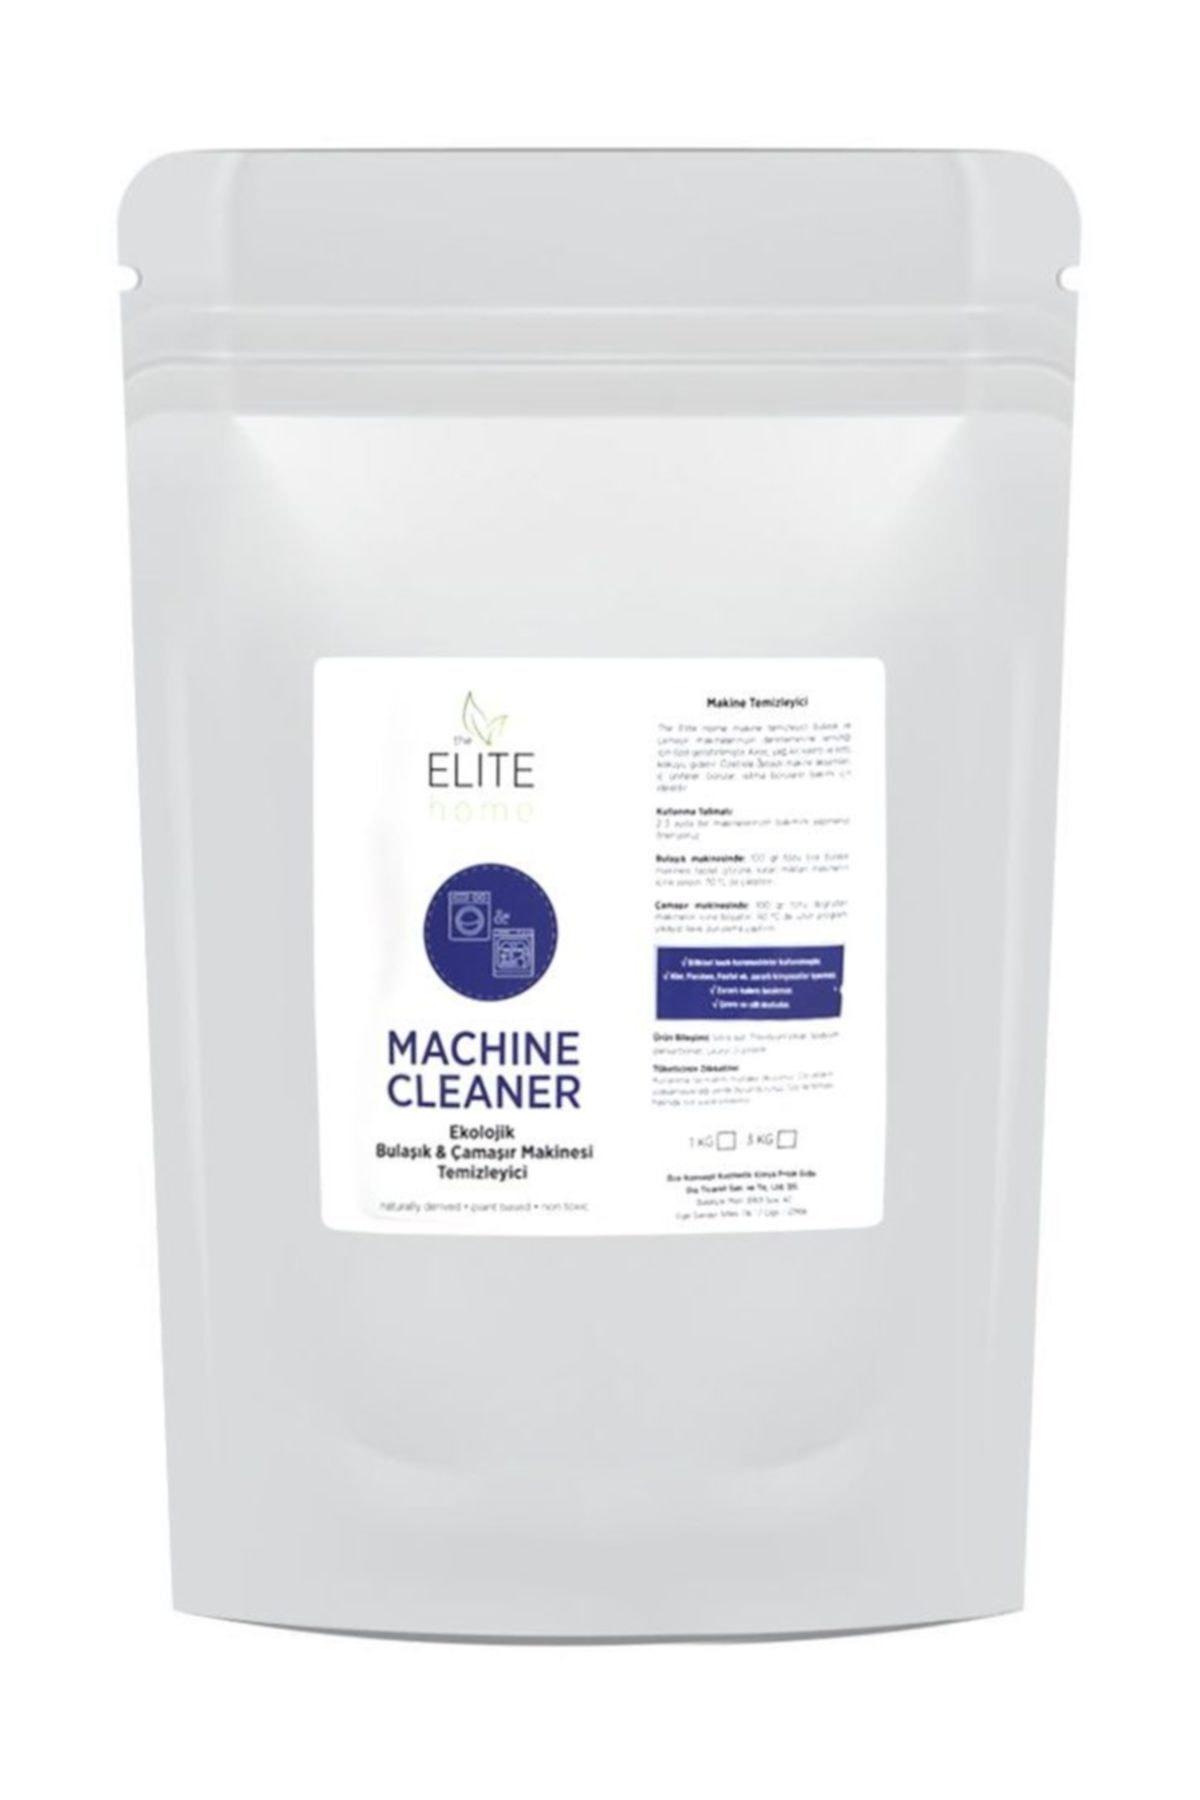 The Elite Home Ekolojik Bulaşık Ve Çamaşır Makinesi Temizleyici 1kg 1